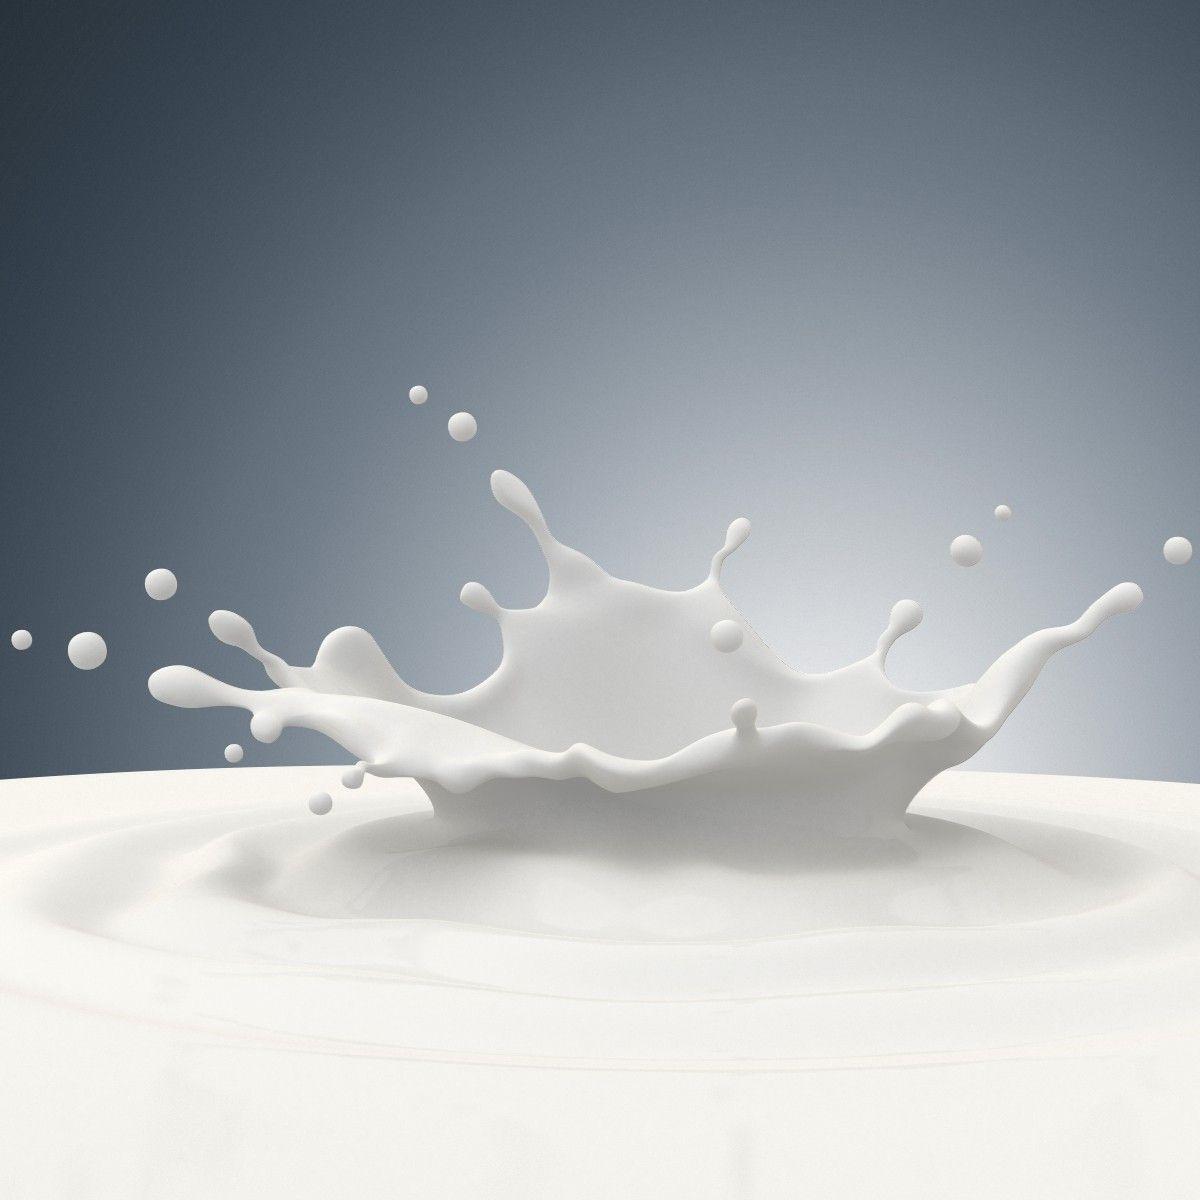 Milk Splash 3d Obj Milk Splash Milk Photography Milk Art